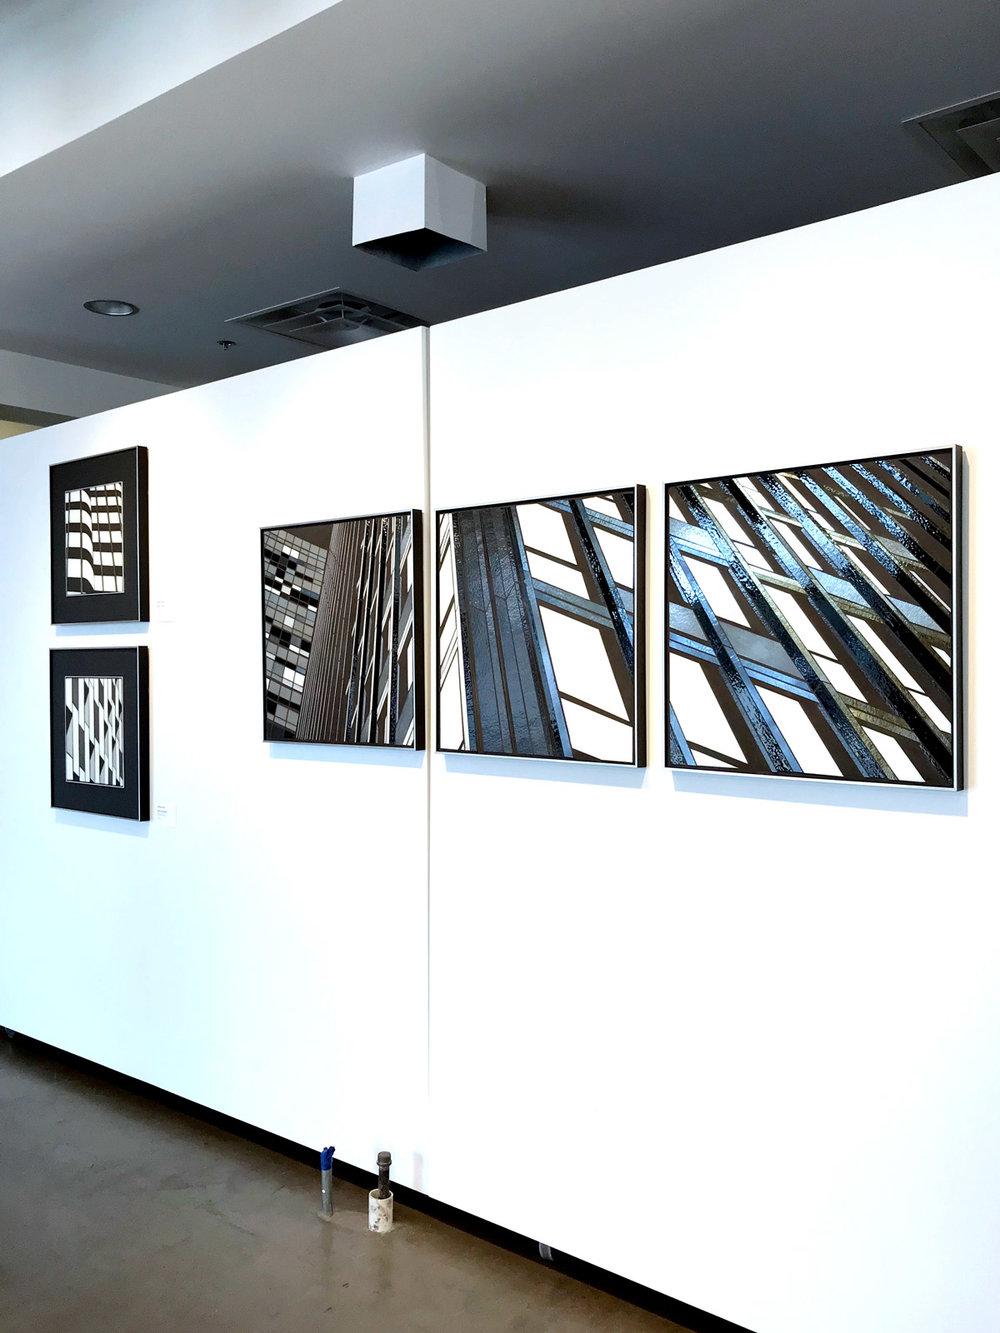 Reflect 1.37 (triptych)